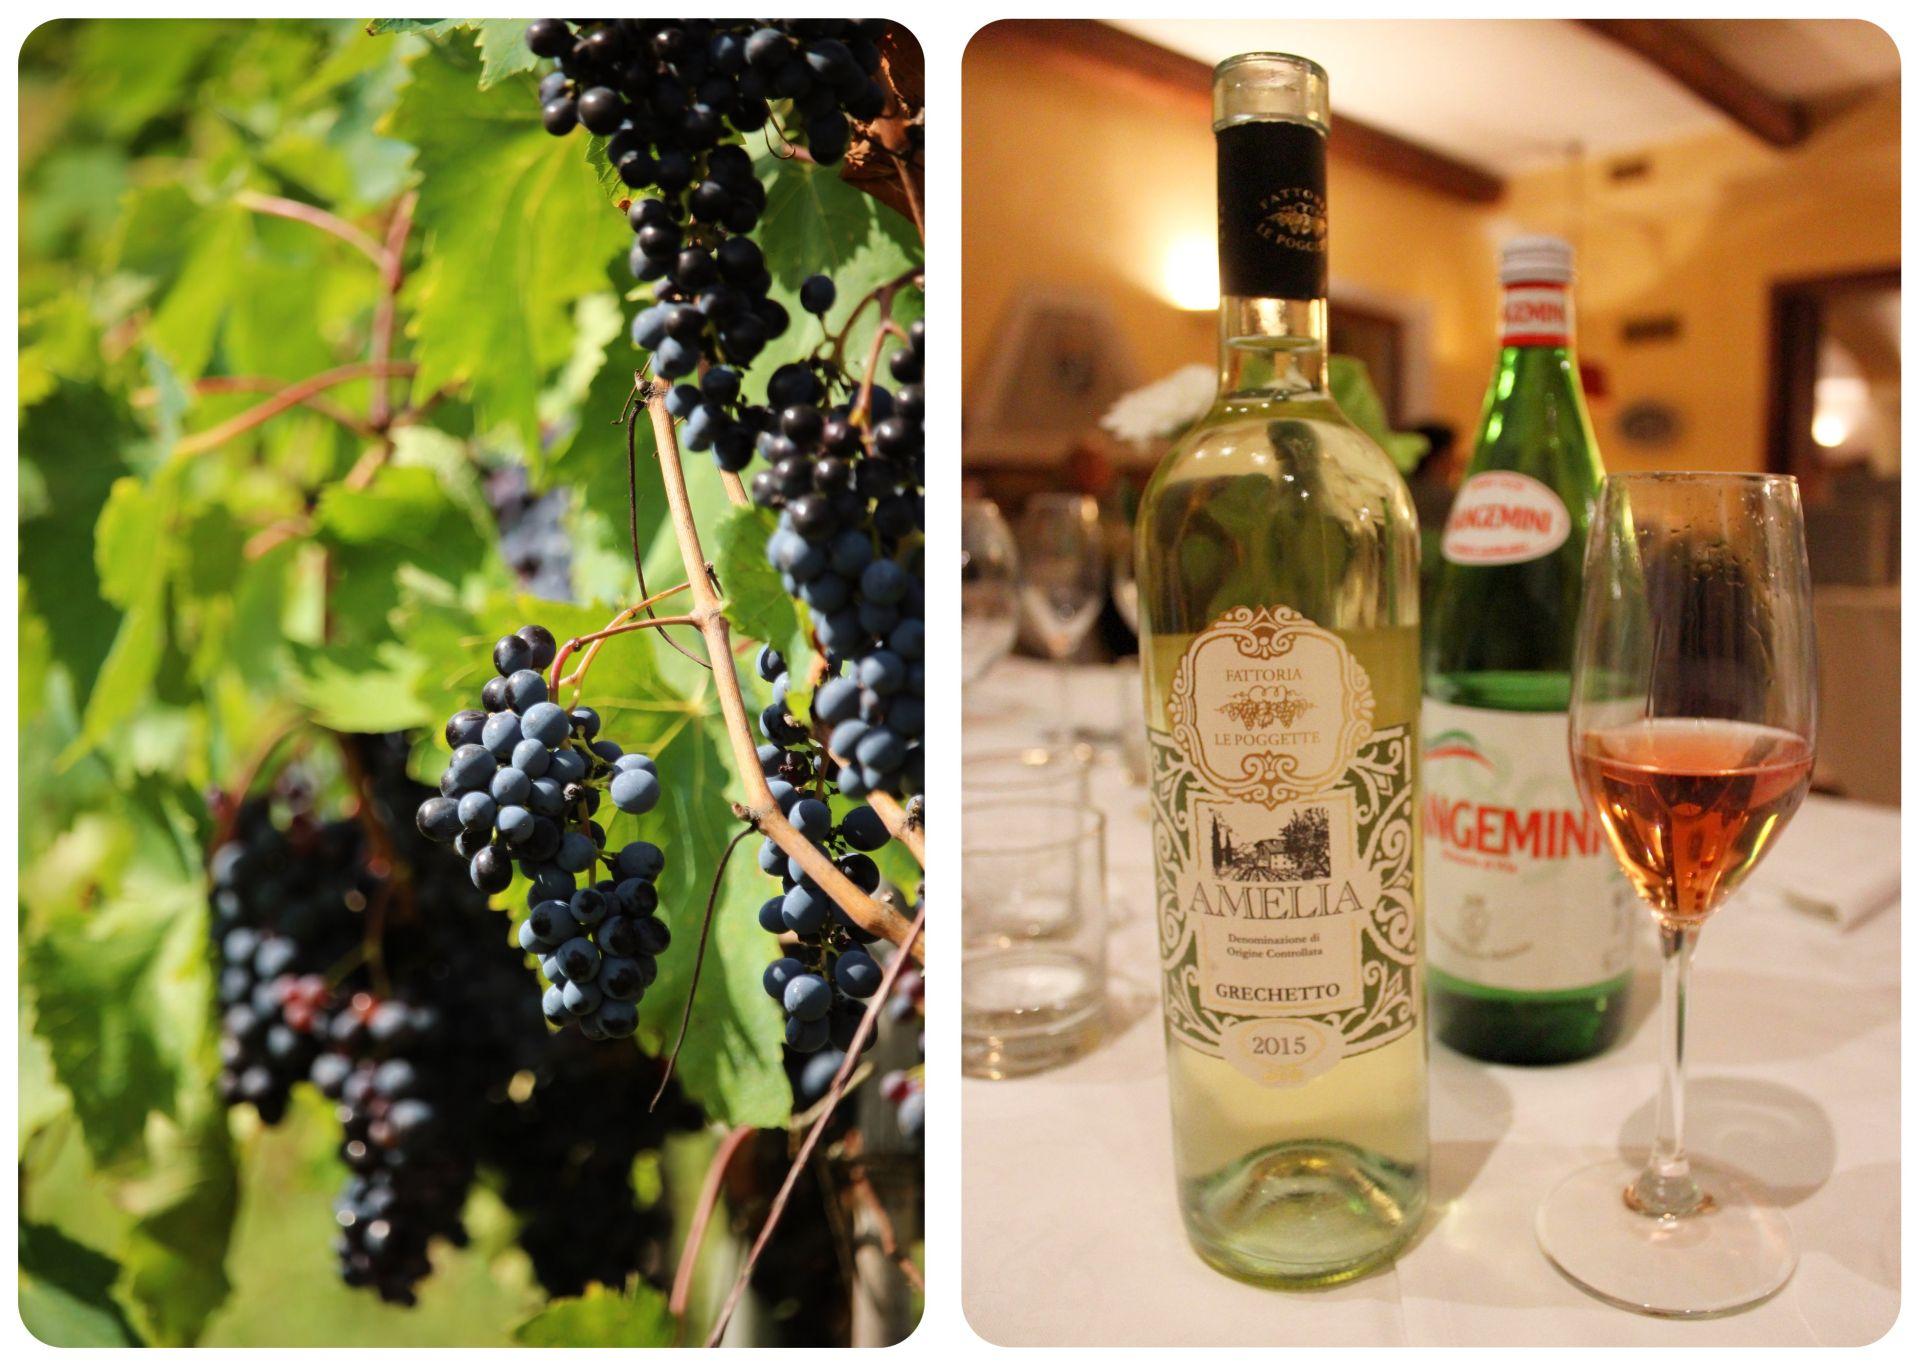 Amelia wine Umbria